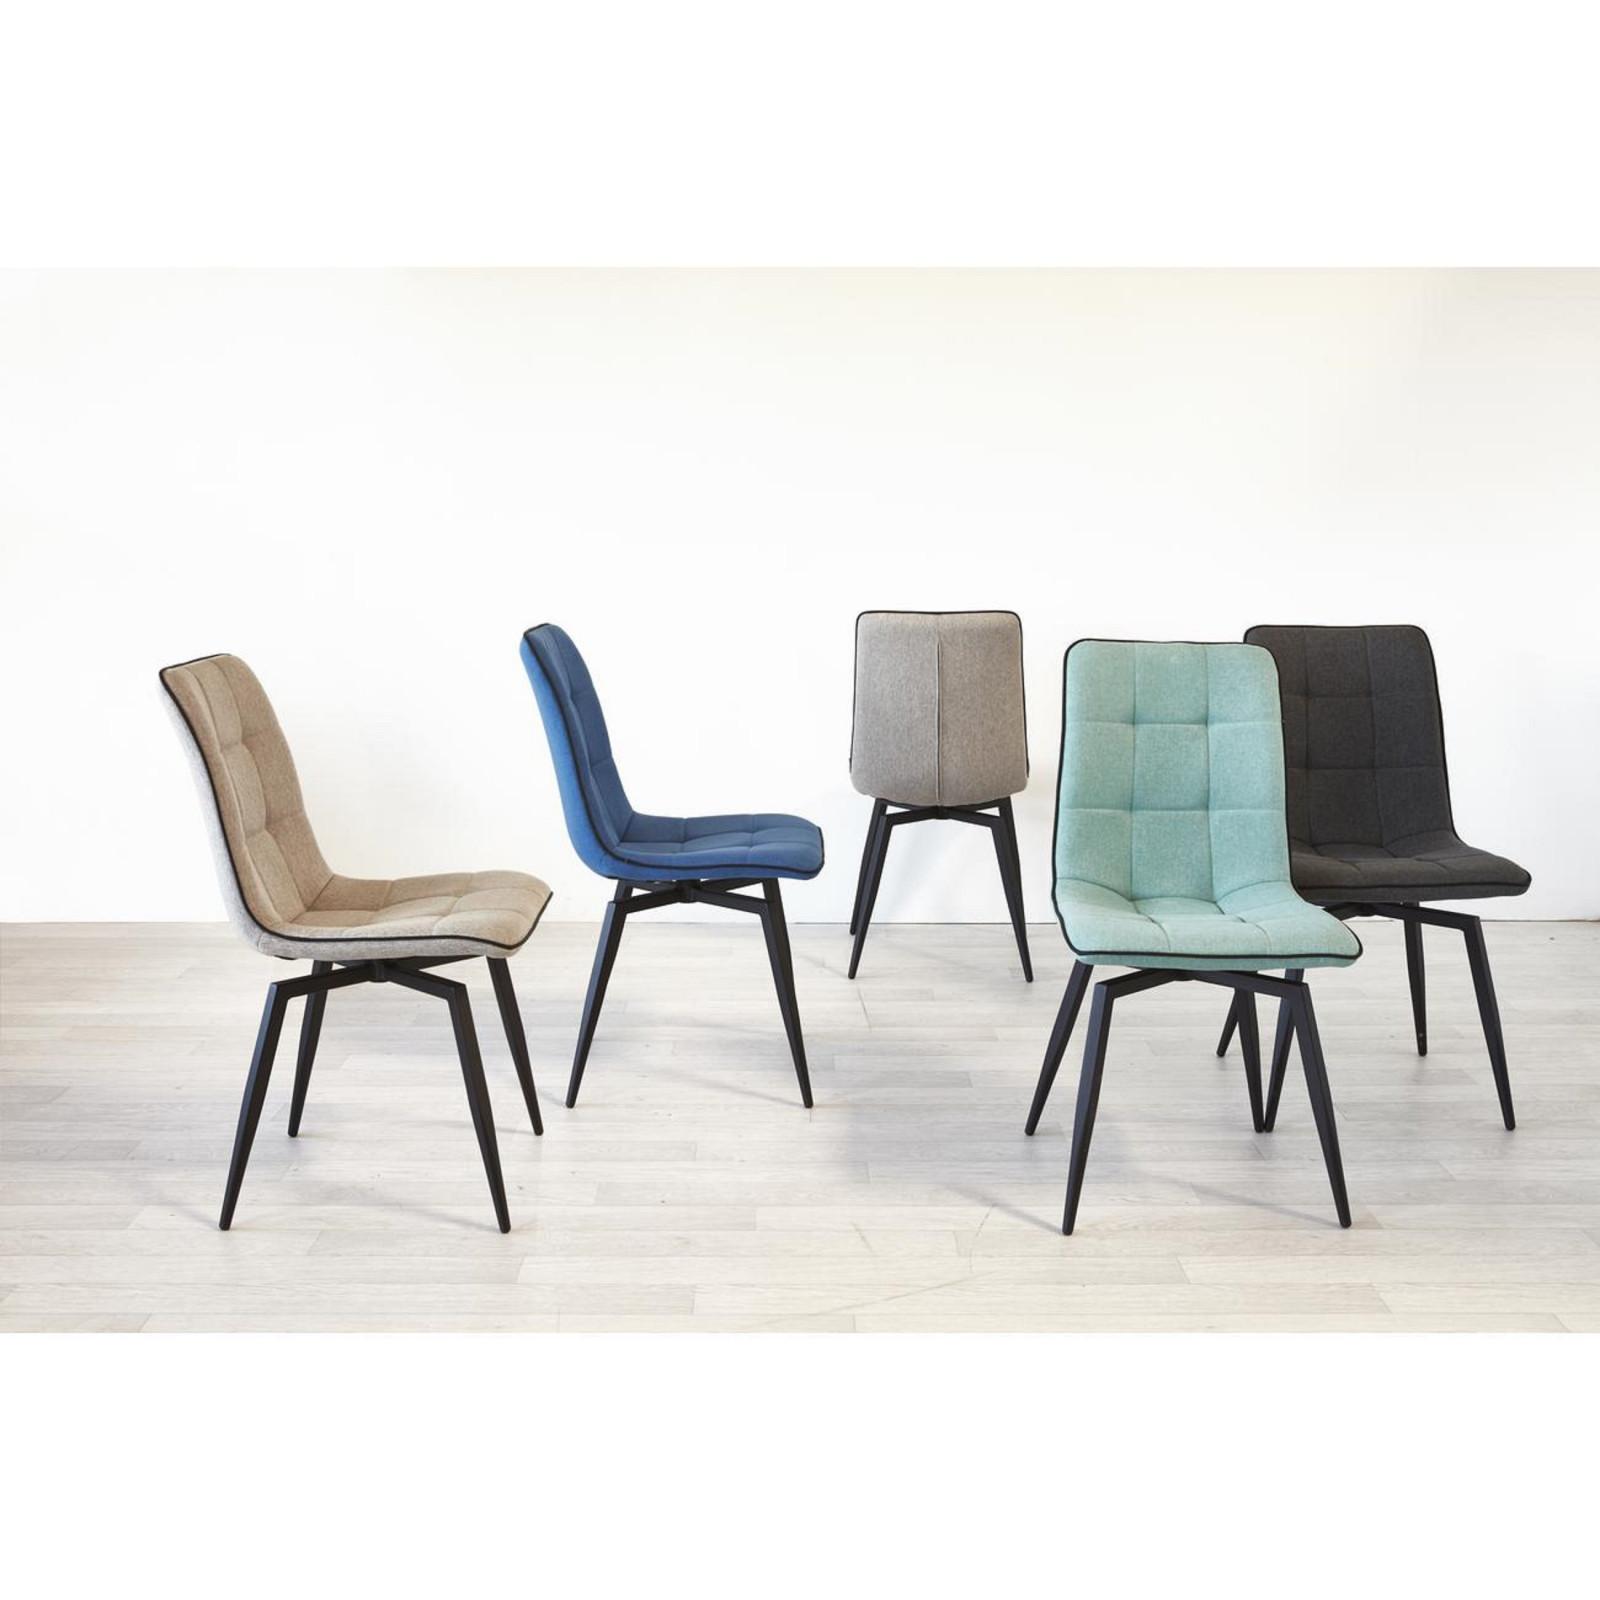 Quel Tissu Pour Chaise lot de 4 chaises nisso en tissu